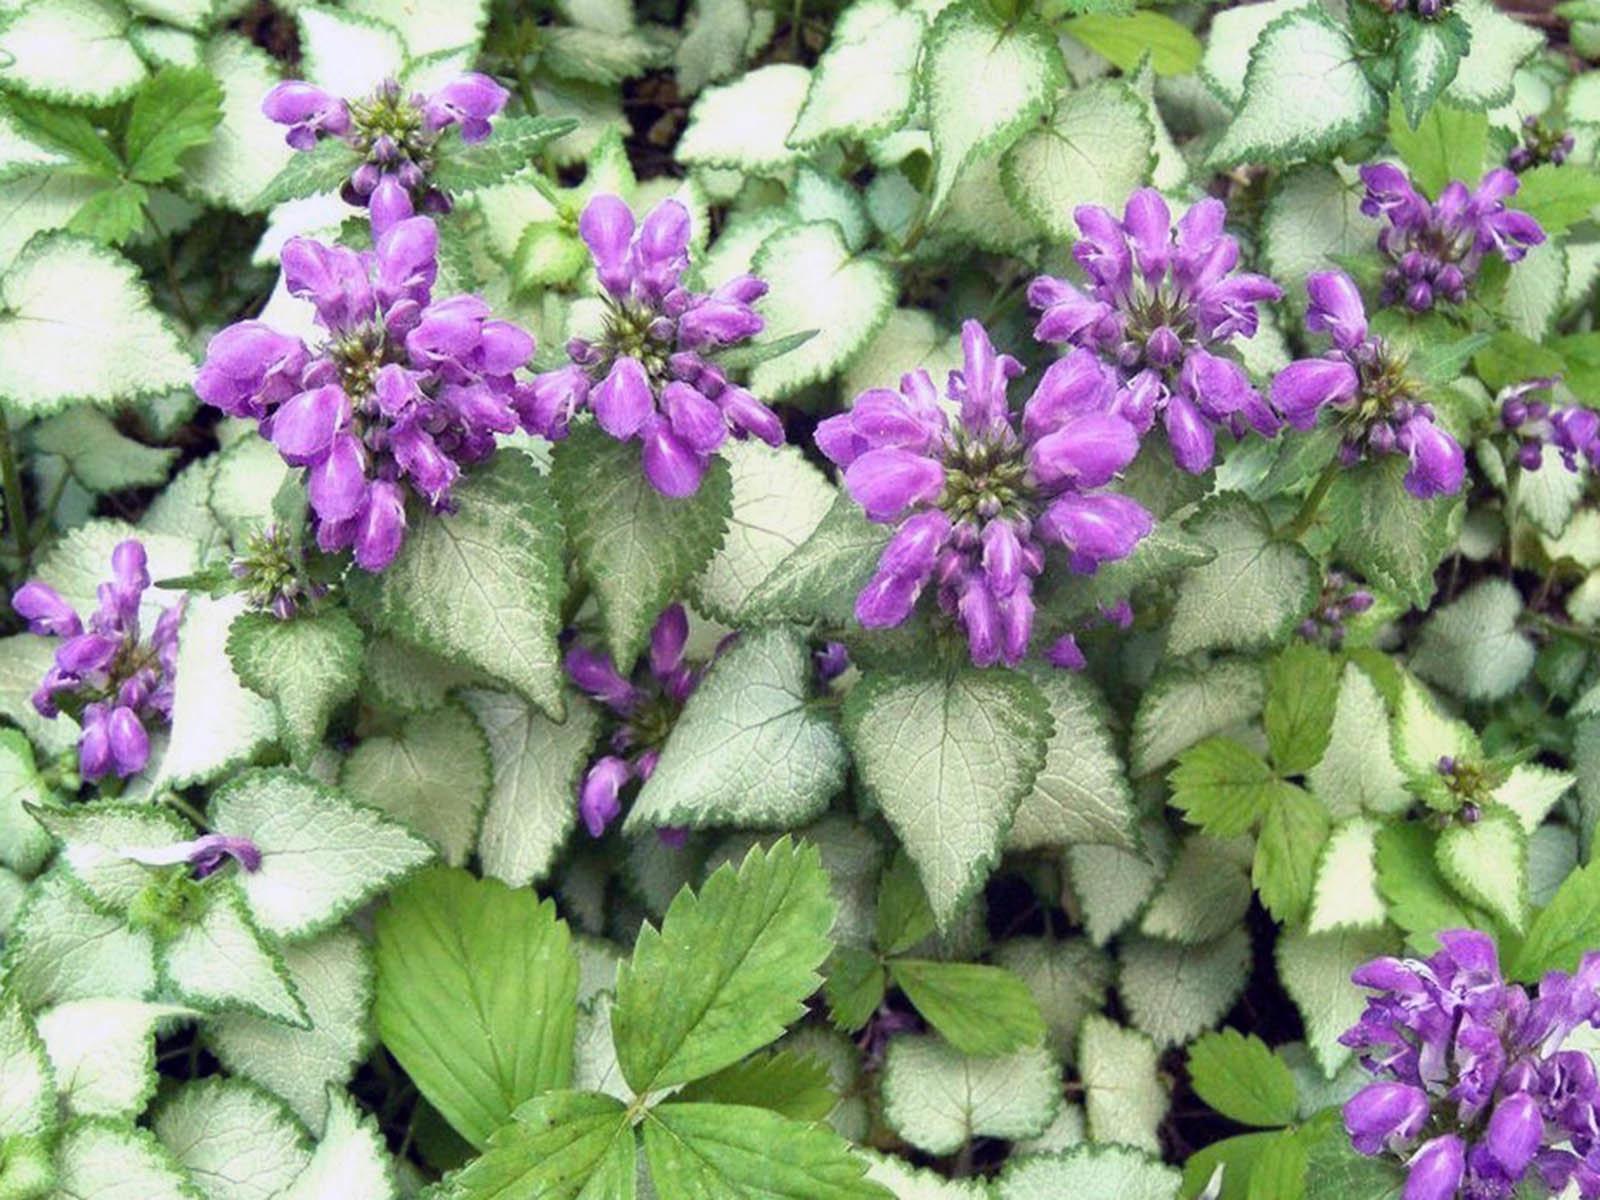 Садим теневыносливые растения в тенистые уголки сада